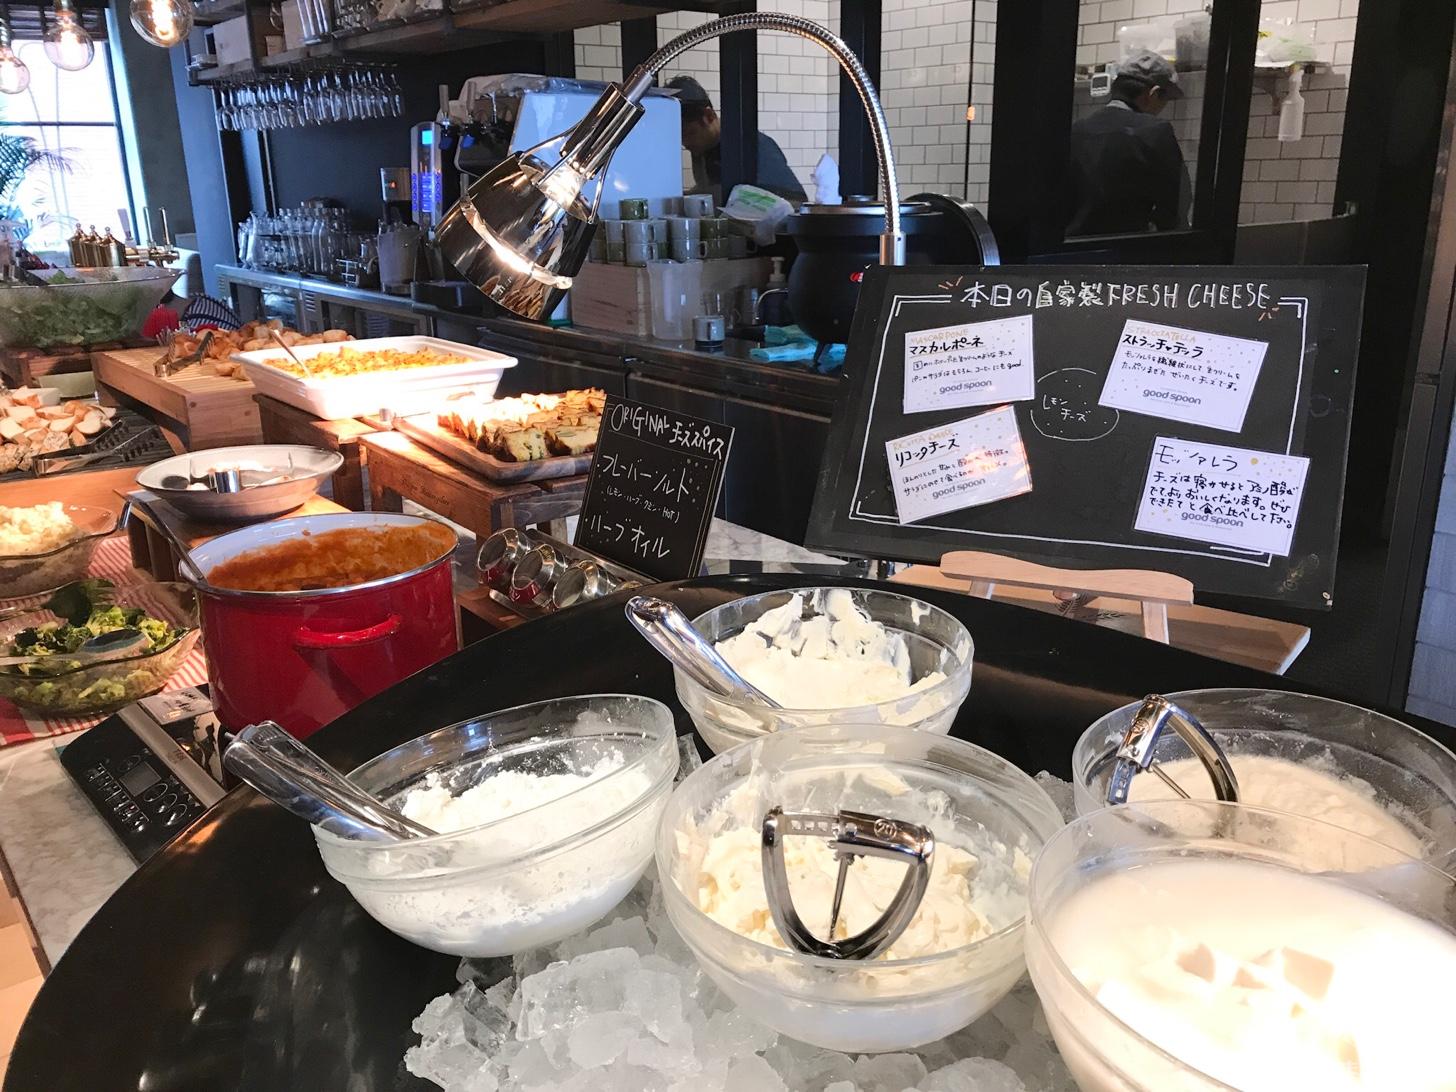 グッドスプーン 横浜 ランチを予約利用!出来立てモッツァレラチーズとチーズ5種食べ比べが期待以上